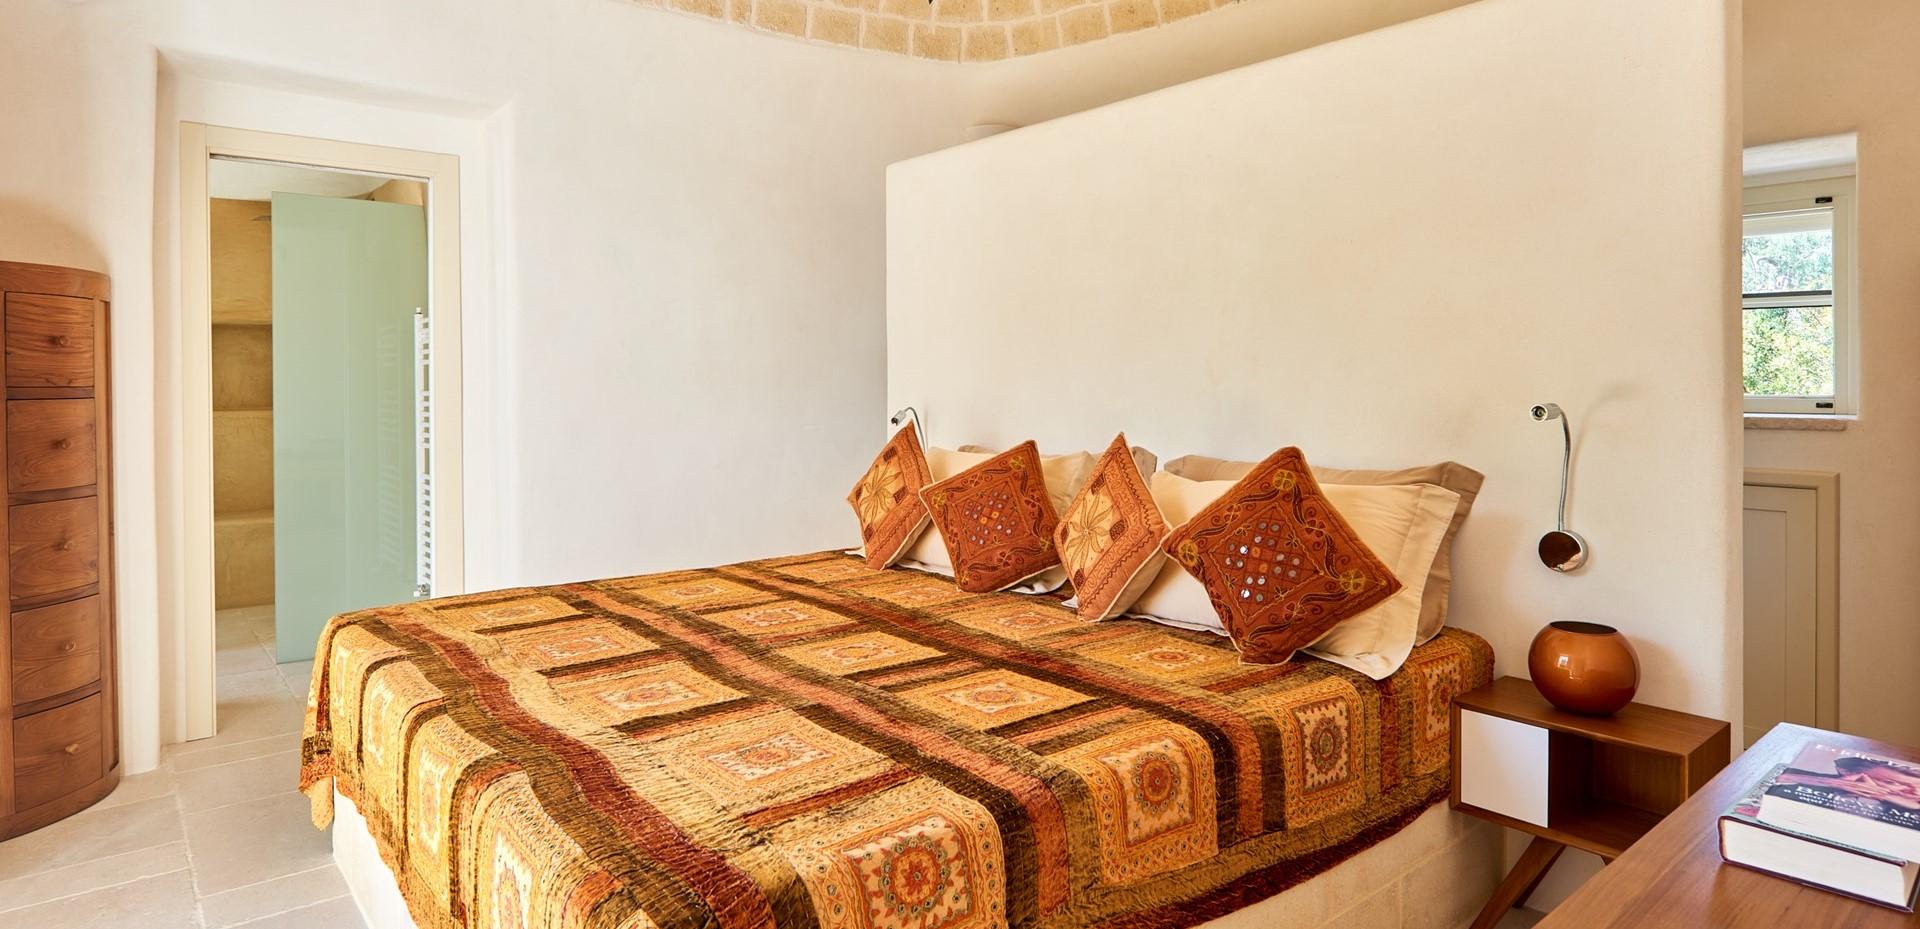 trulli-fiori-puglia-master-bedroom-2